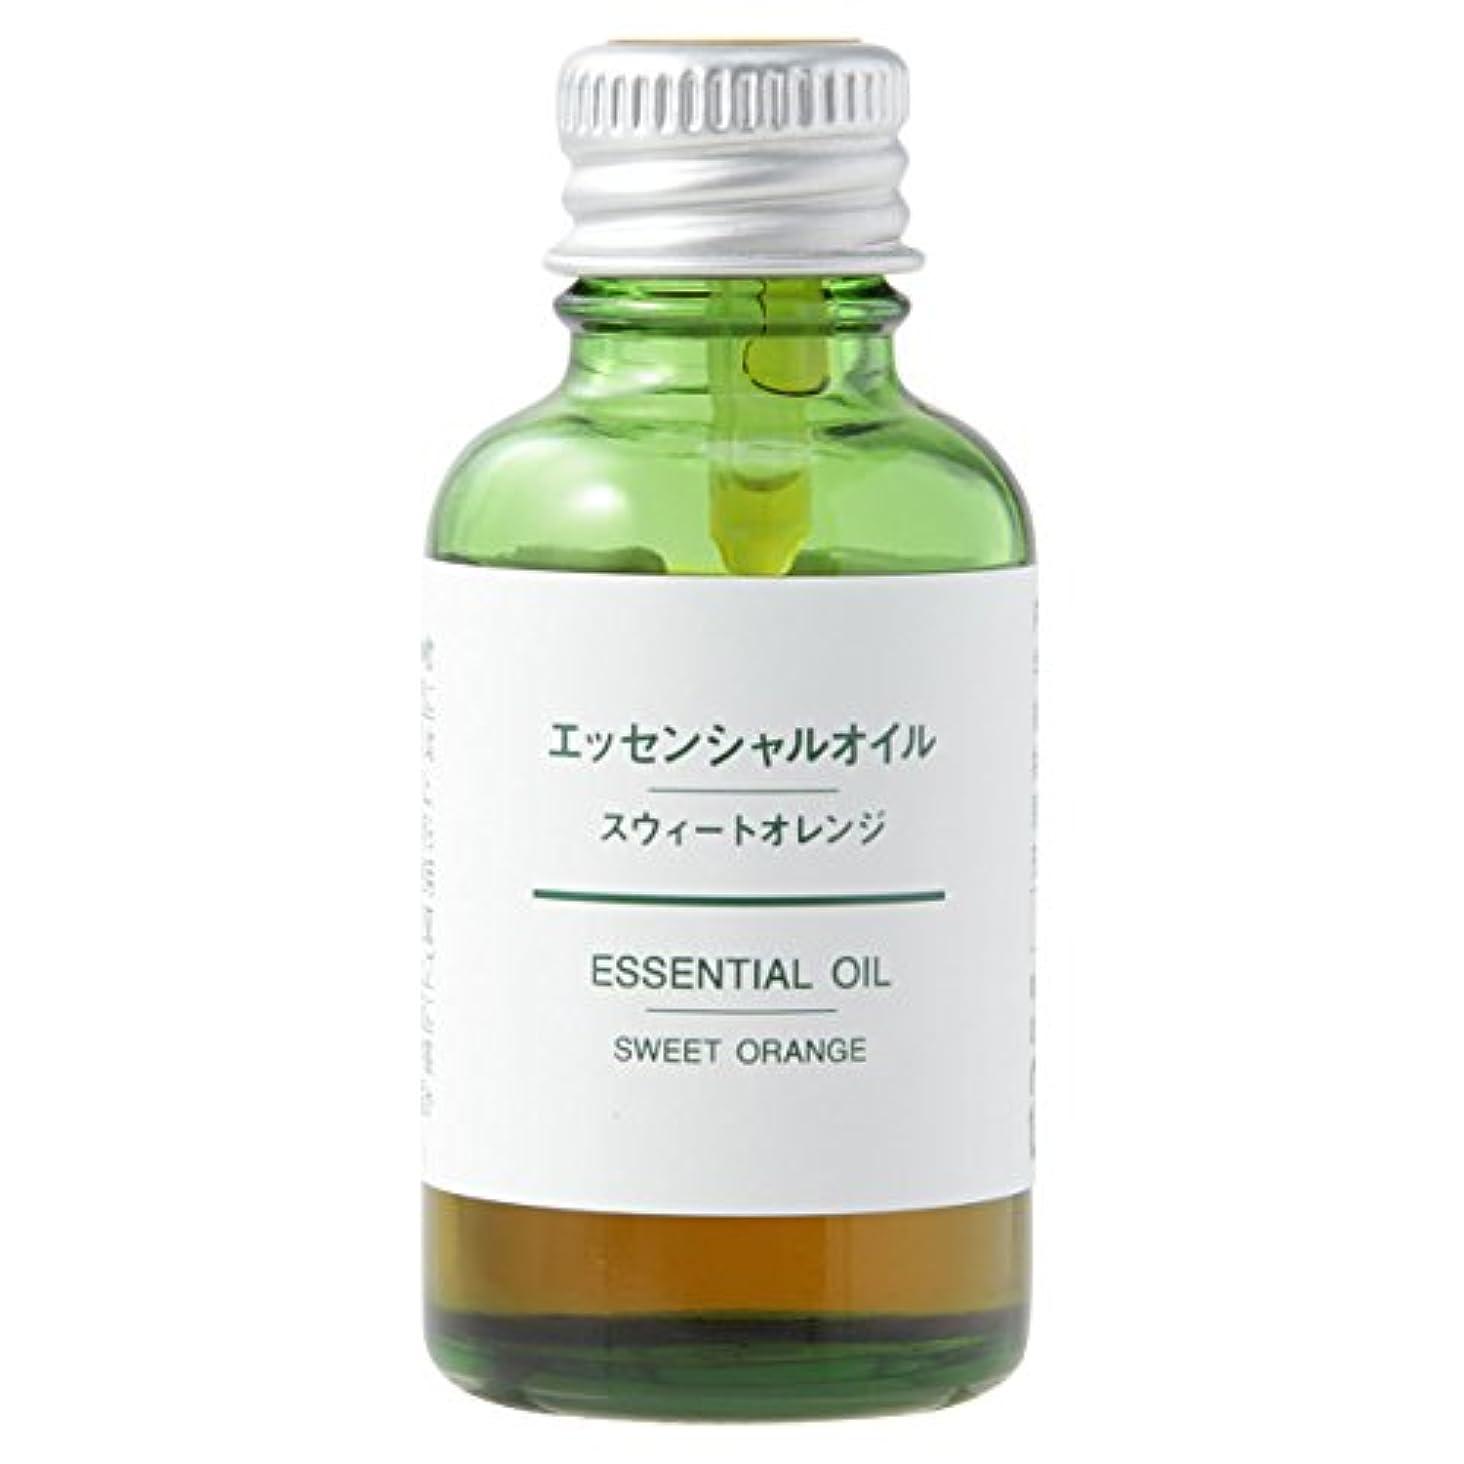 湿った分子大事にする【無印良品】エッセンシャルオイル 30ml(スィートオレンジ)